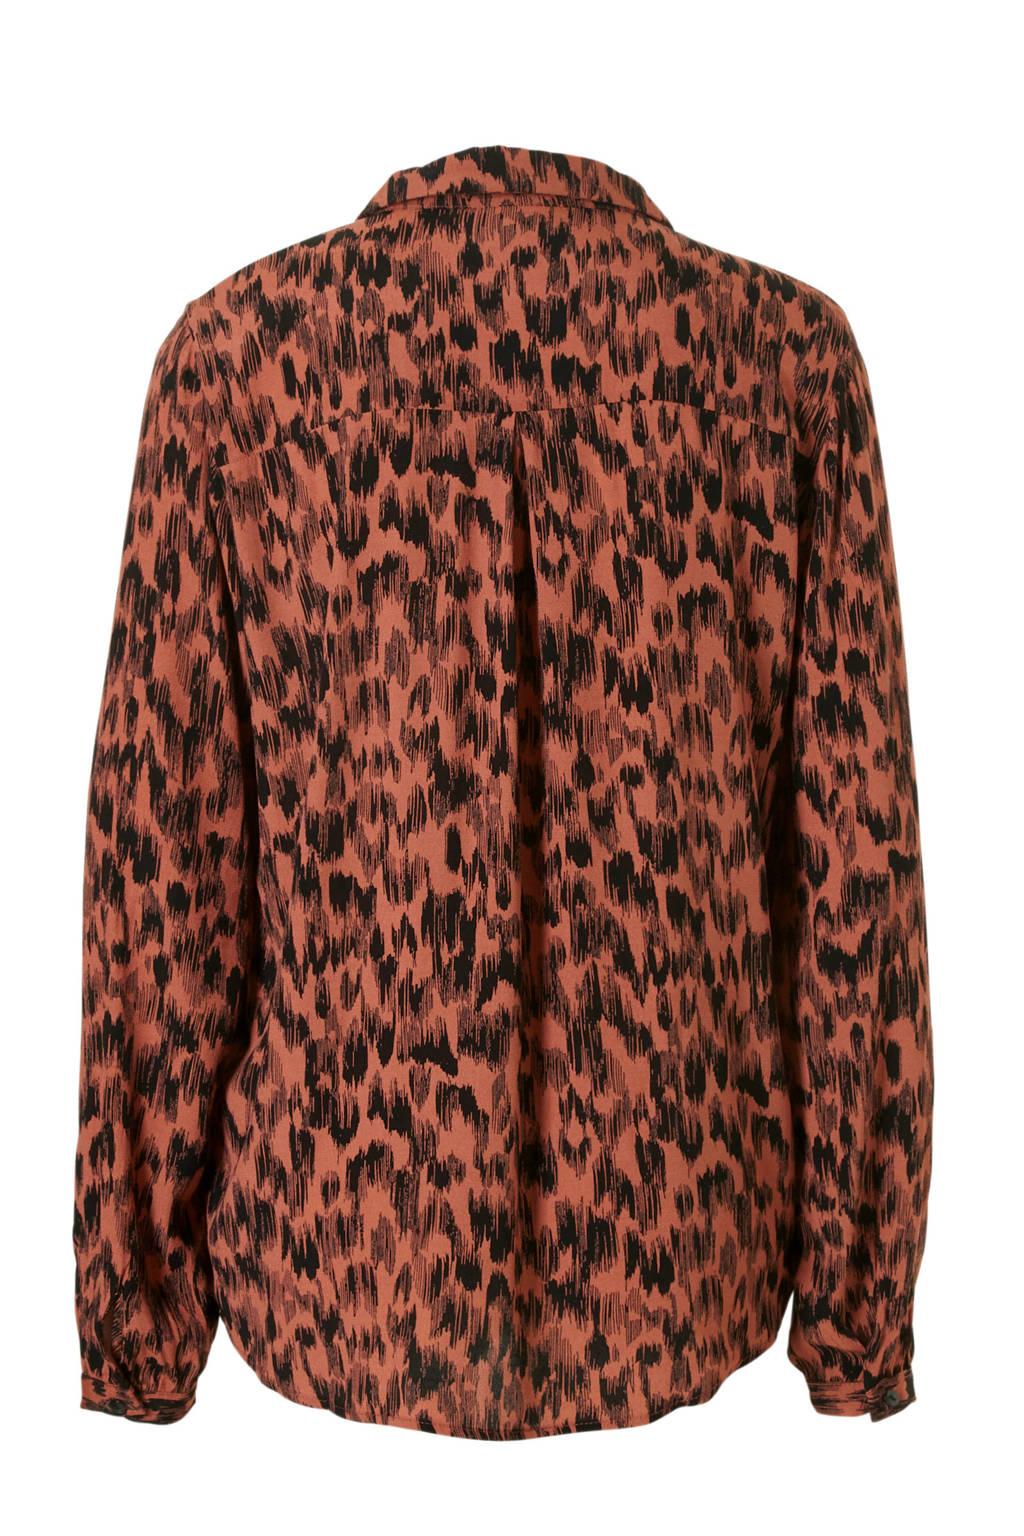 lagere prijs met website voor korting beste authentiek VILA blouse met panterprint | wehkamp